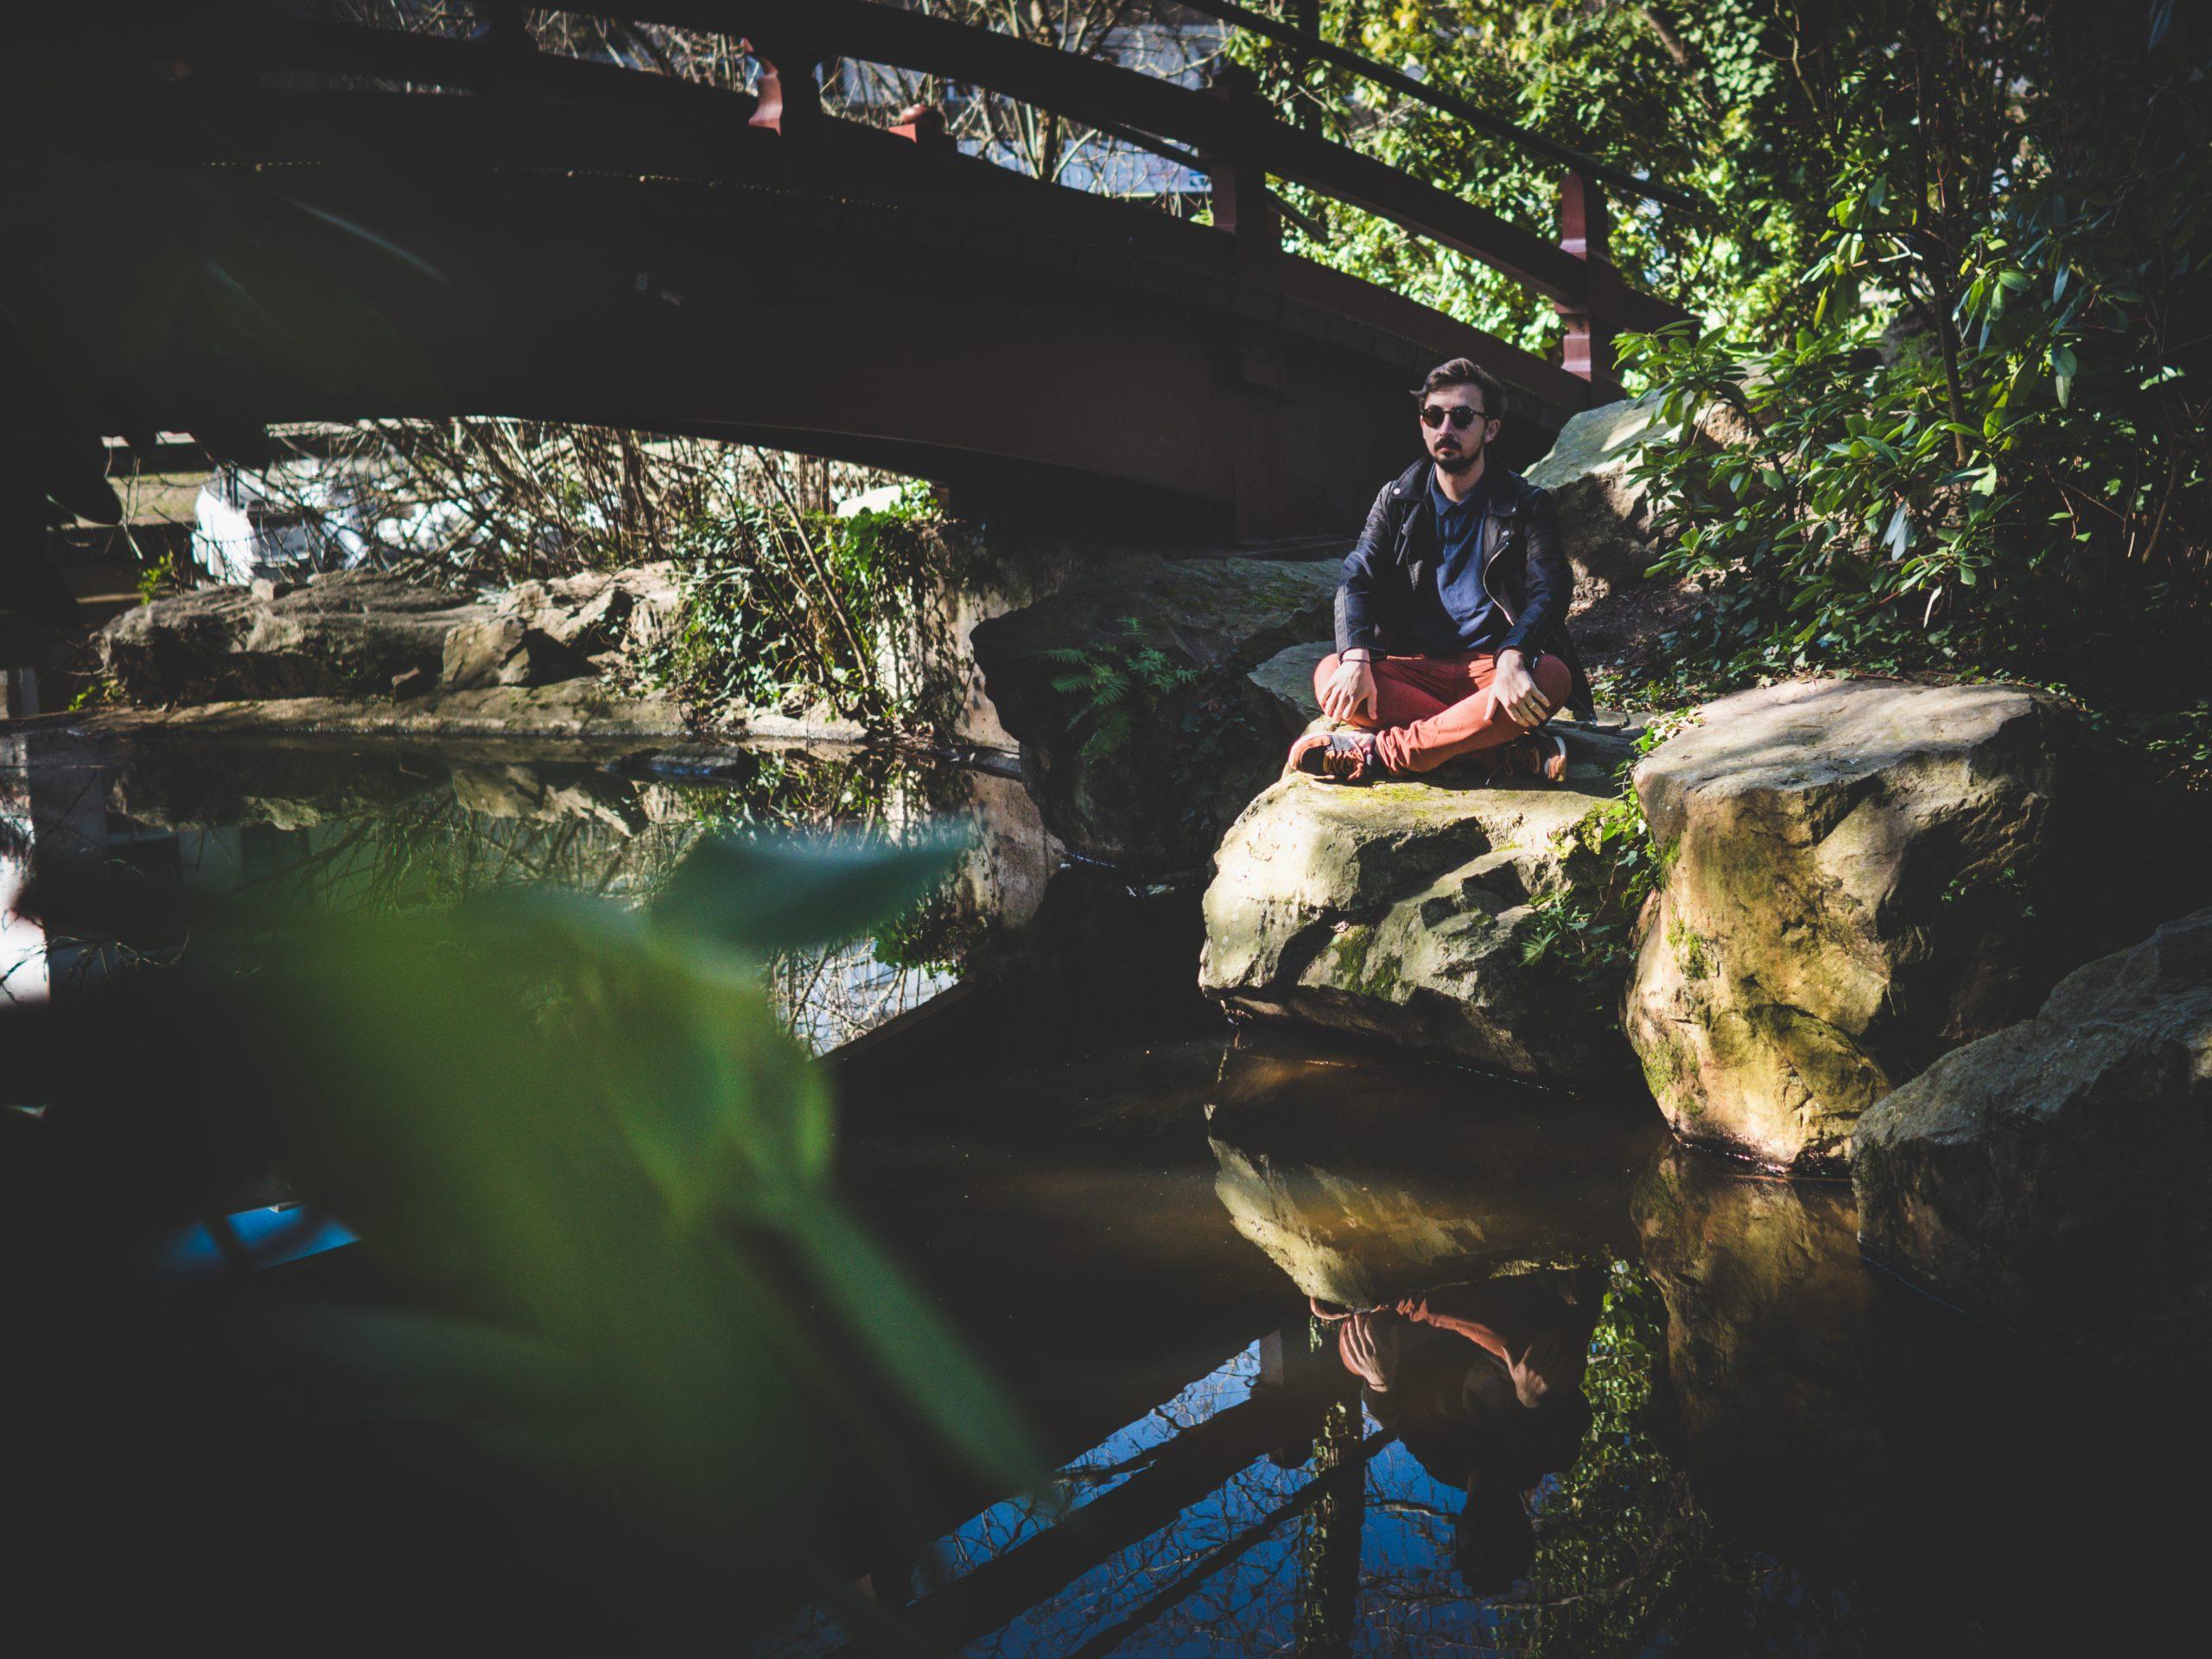 Repos méditatif au jardin japonais de l'île de versailles de Nantes